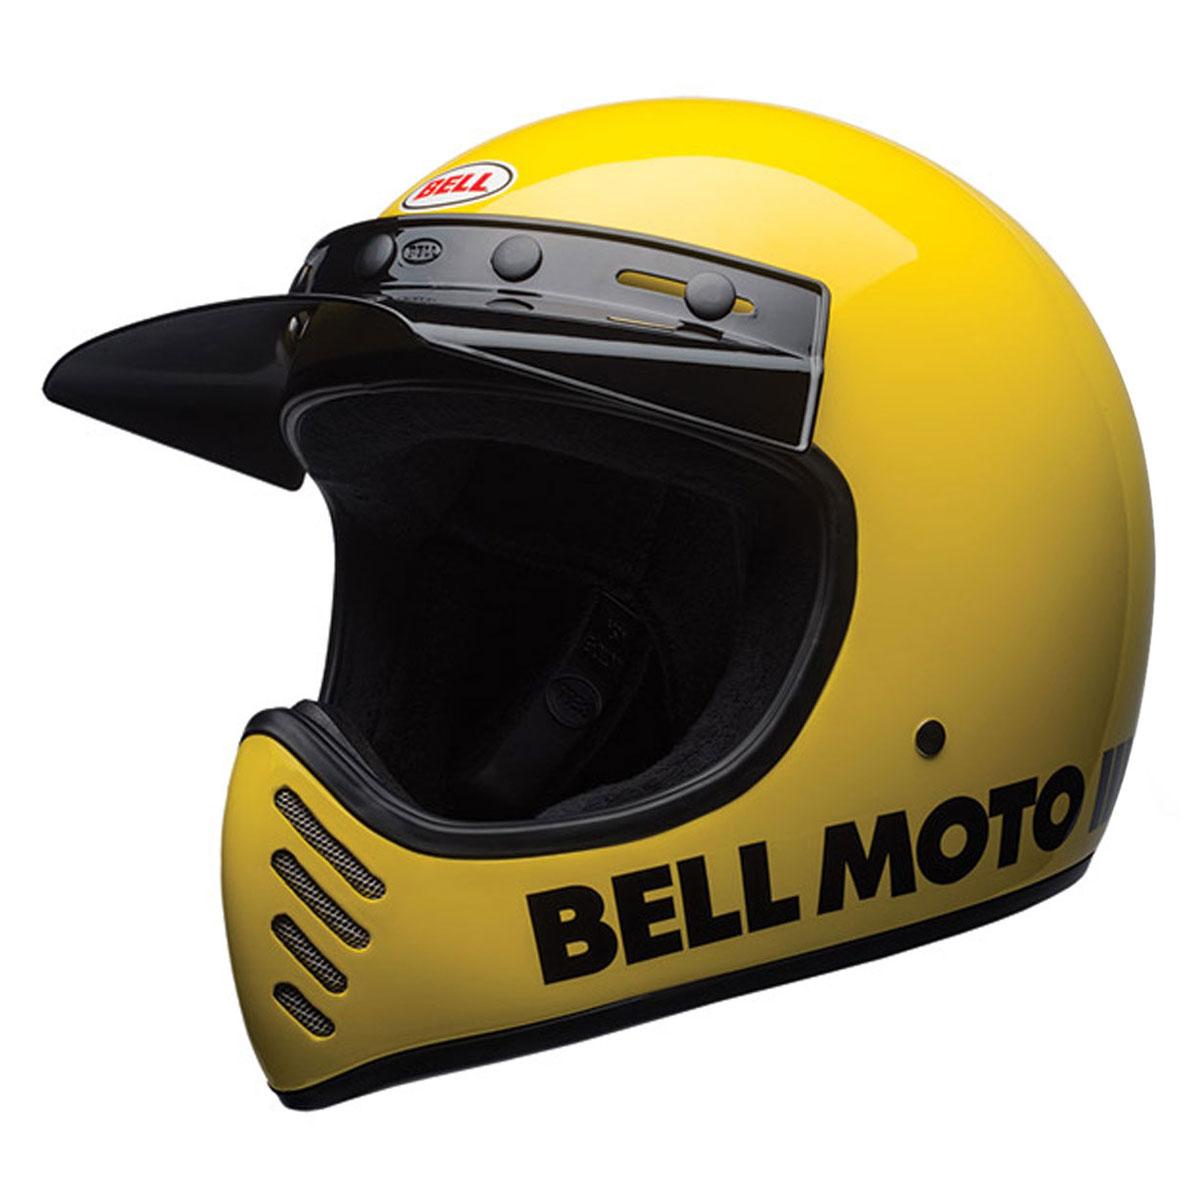 Bell Moto 3 >> Bell Moto 3 Classic Yellow Full Face Helmet 7080637